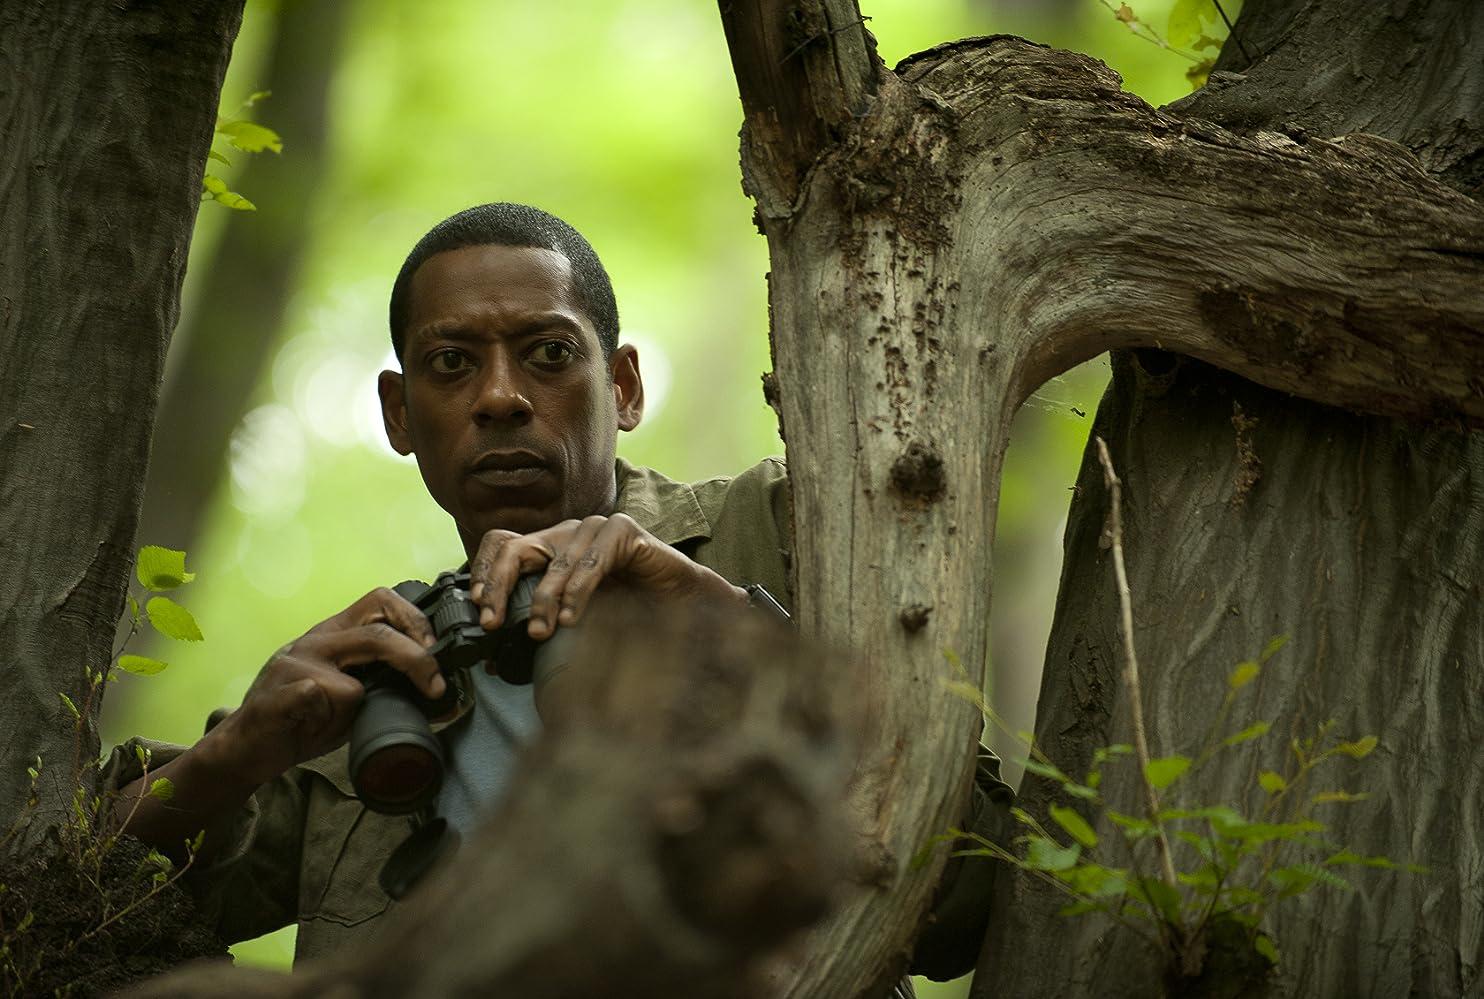 Orlando Jones in Enemies Closer (2013)